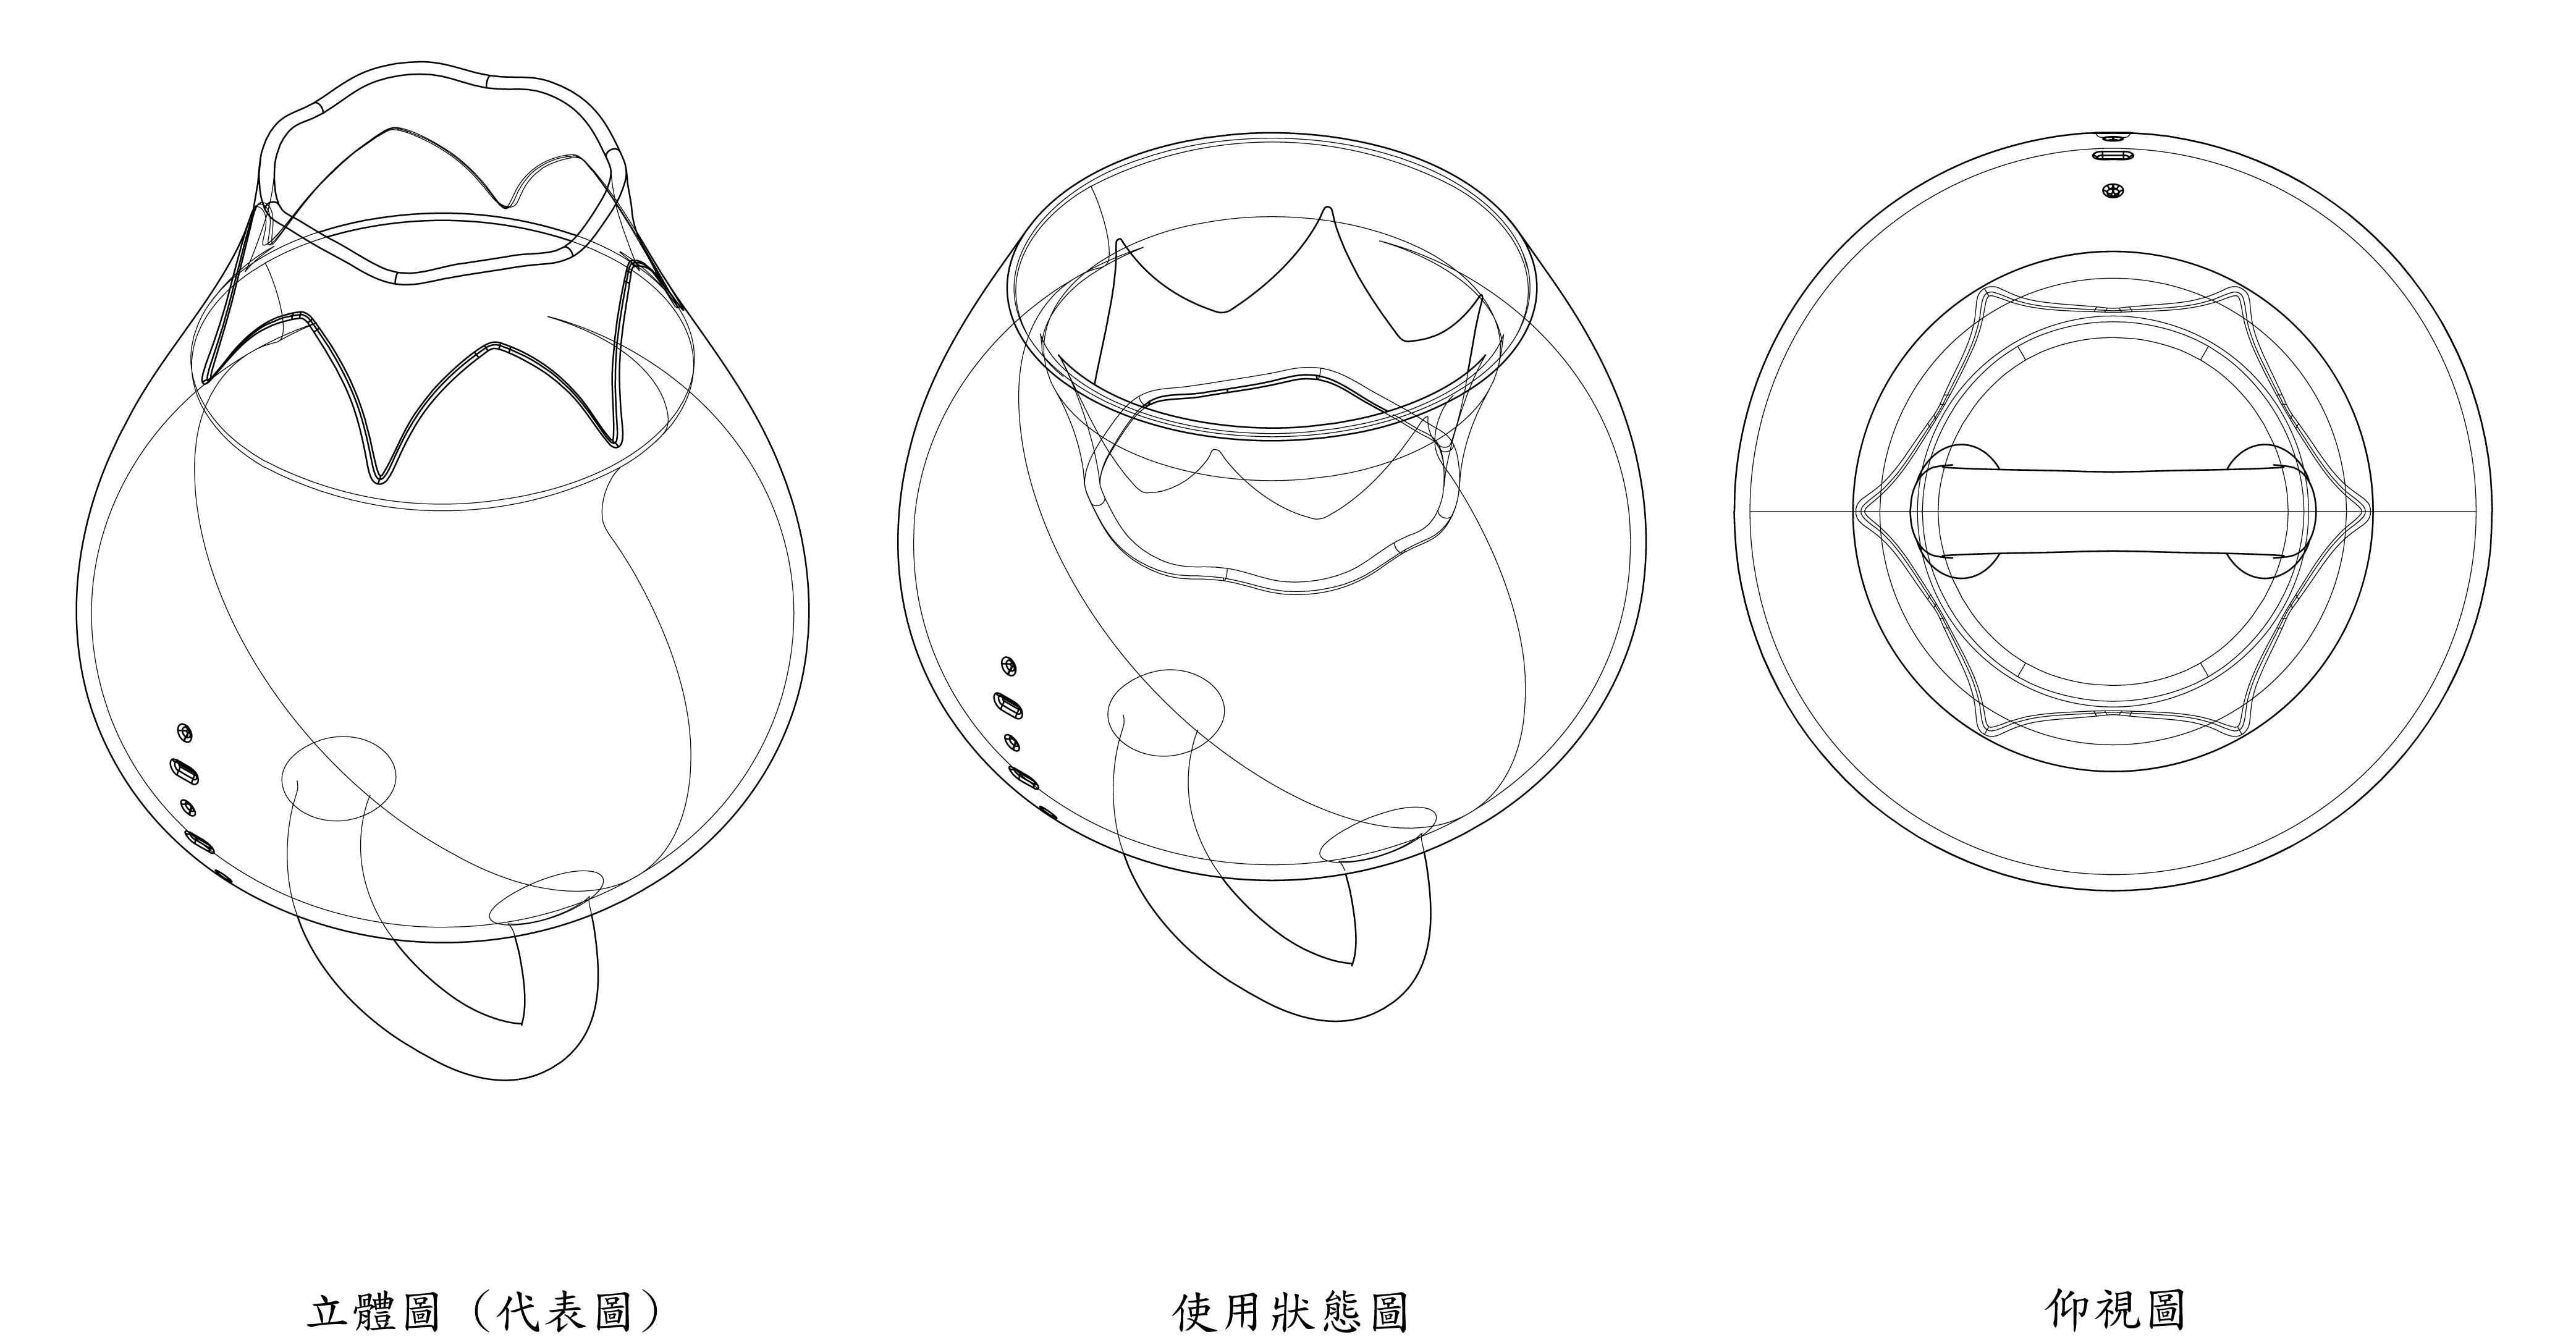 申請台灣設計專利(已核准)